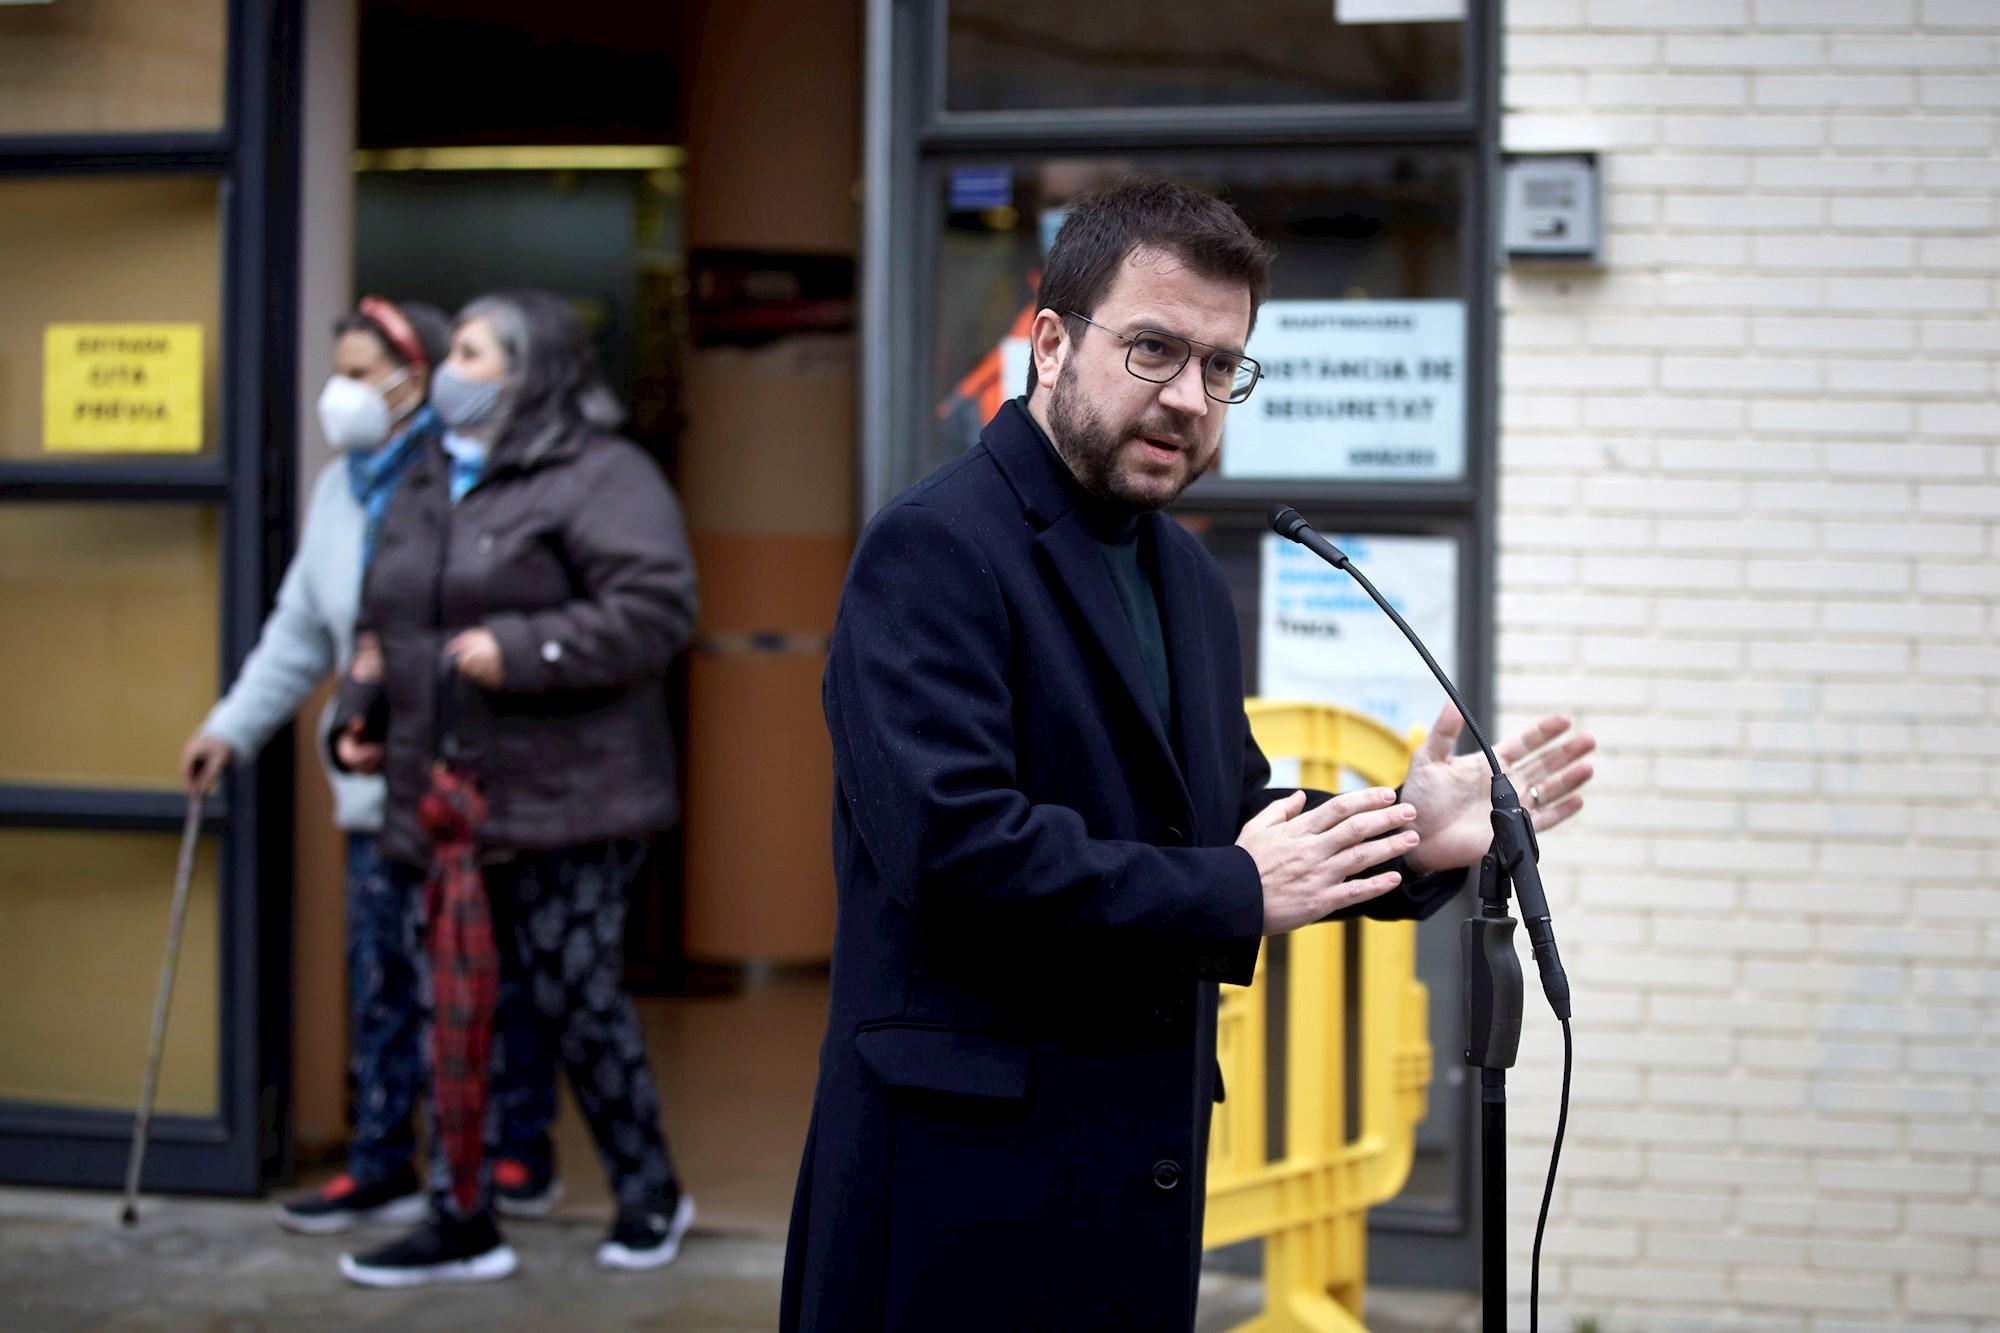 El candidato de ERC a las elecciones catalanas, Pere Aragonès, en una comparecencia después de votar el 14 de febrero de 2021 en Pineda del Mar (Barcelona) | EFE/DB